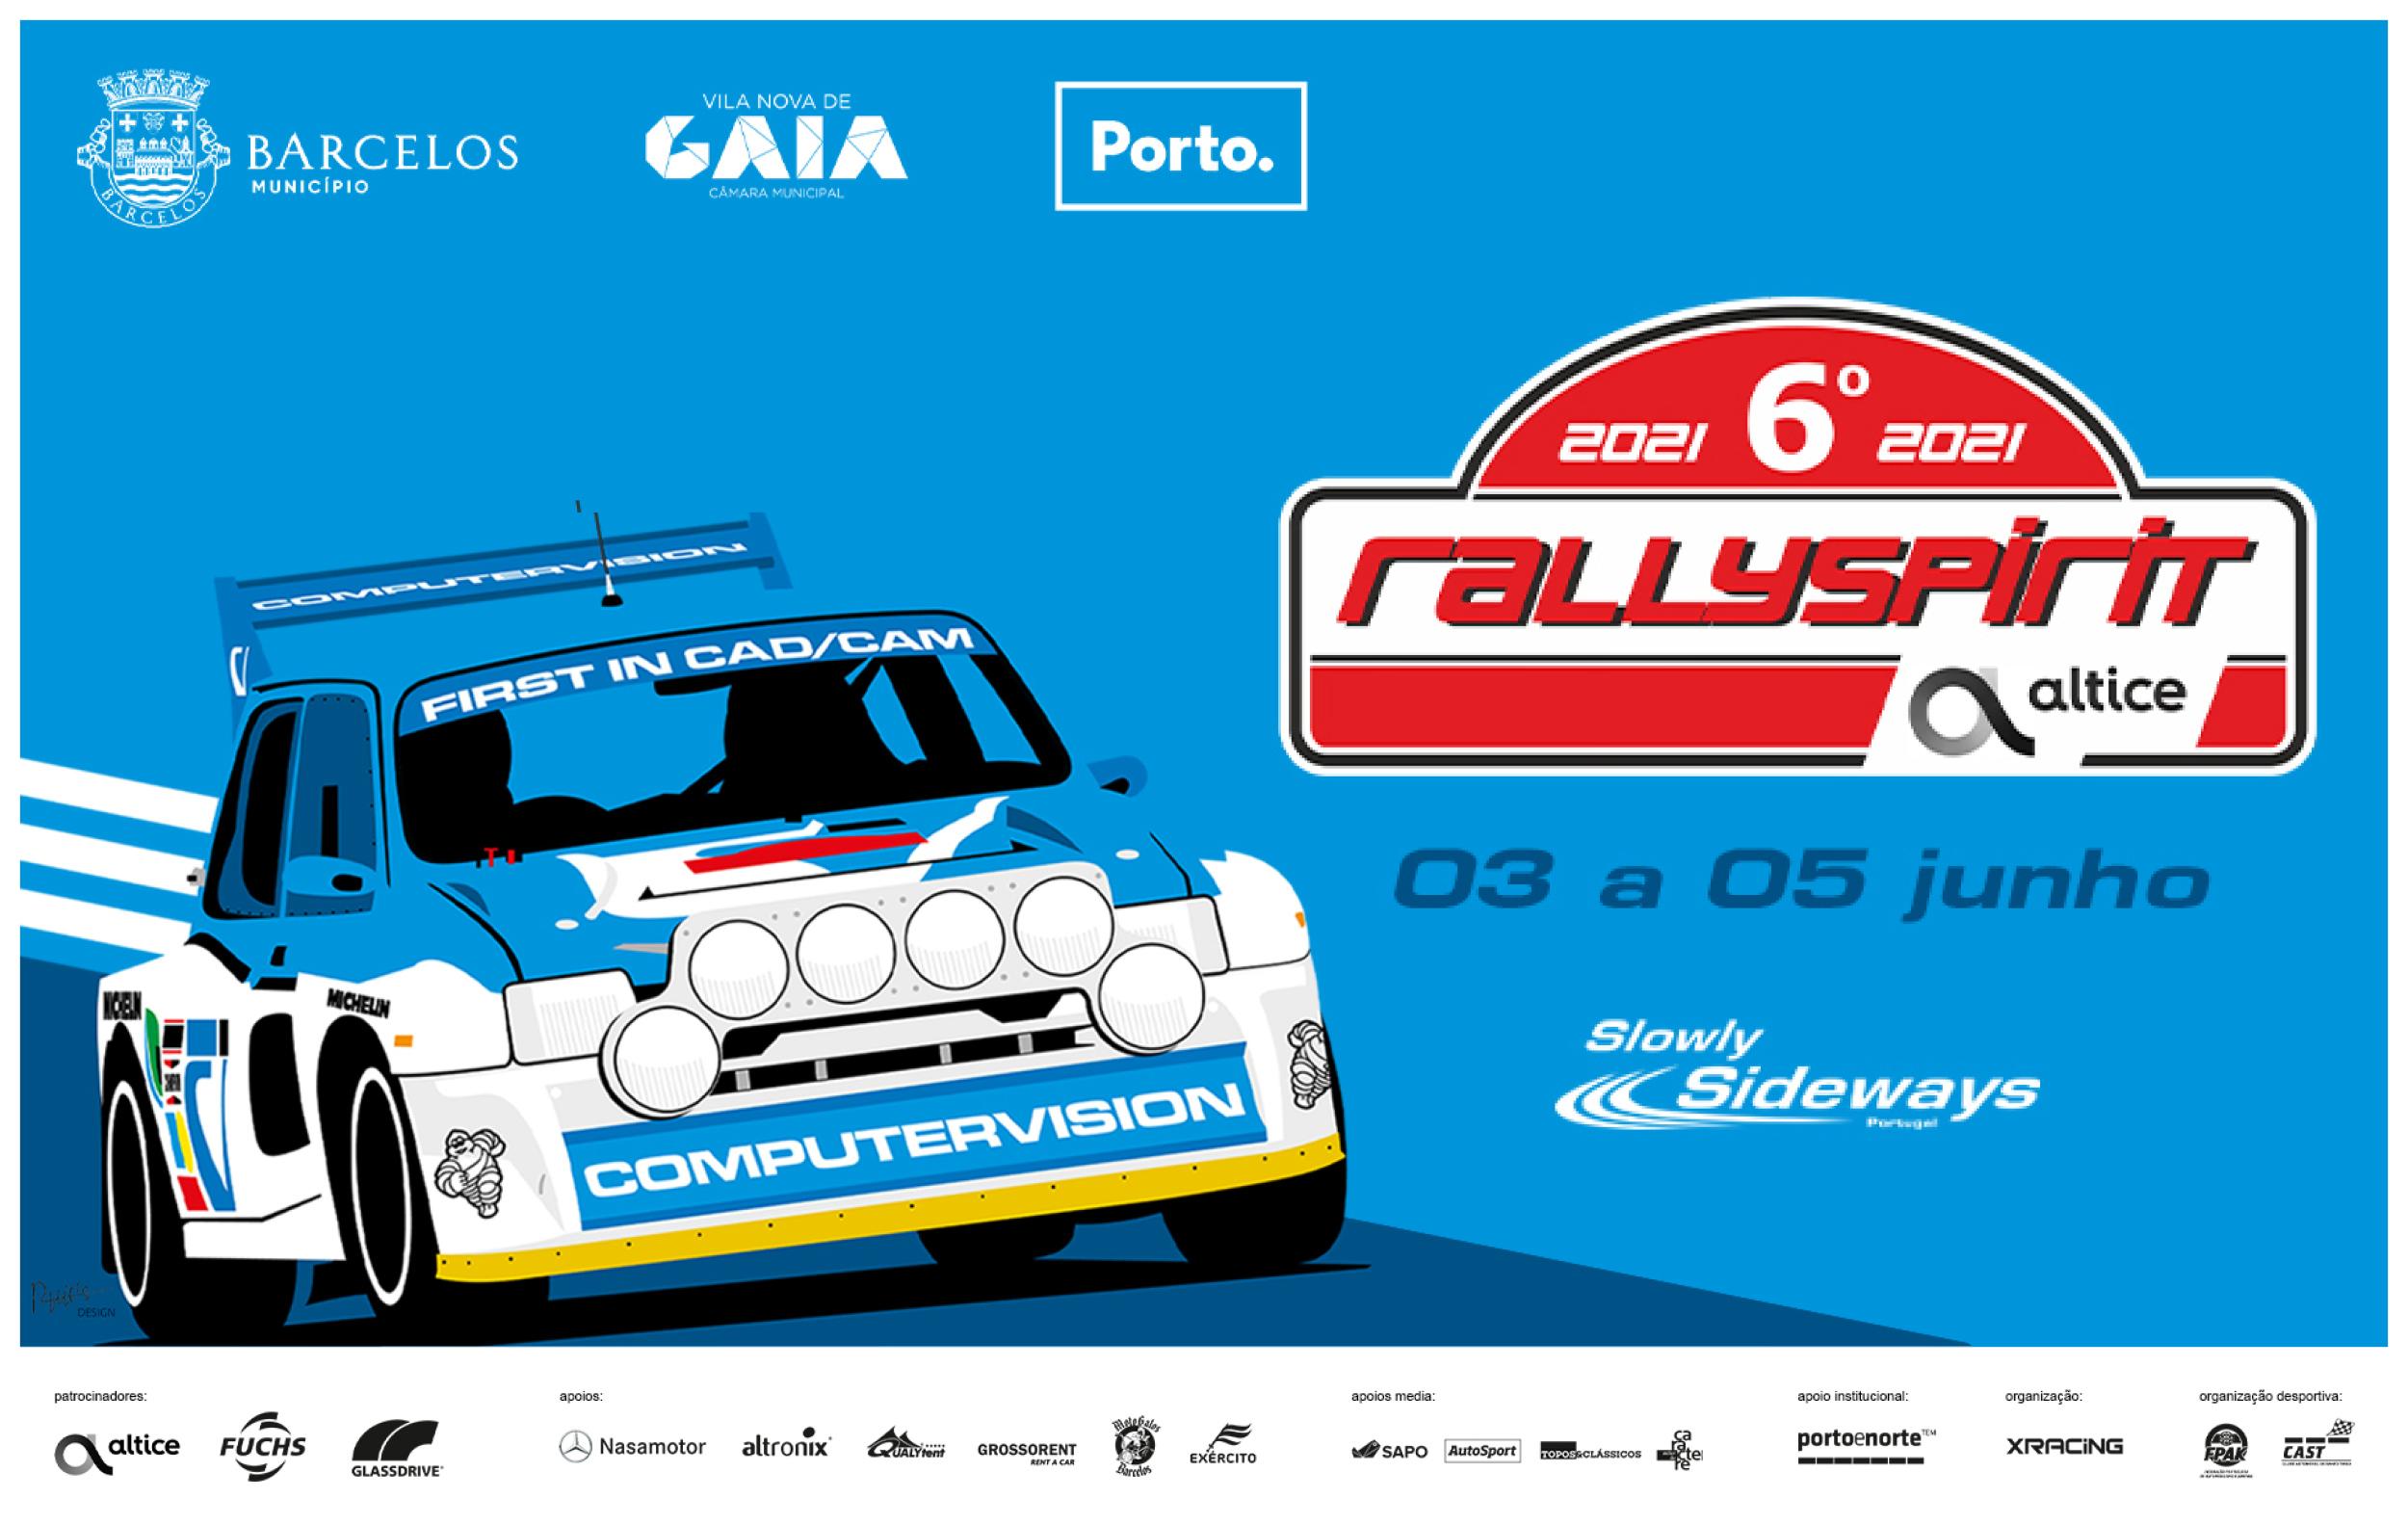 RallySpirit Altice 2021 em Barcelos